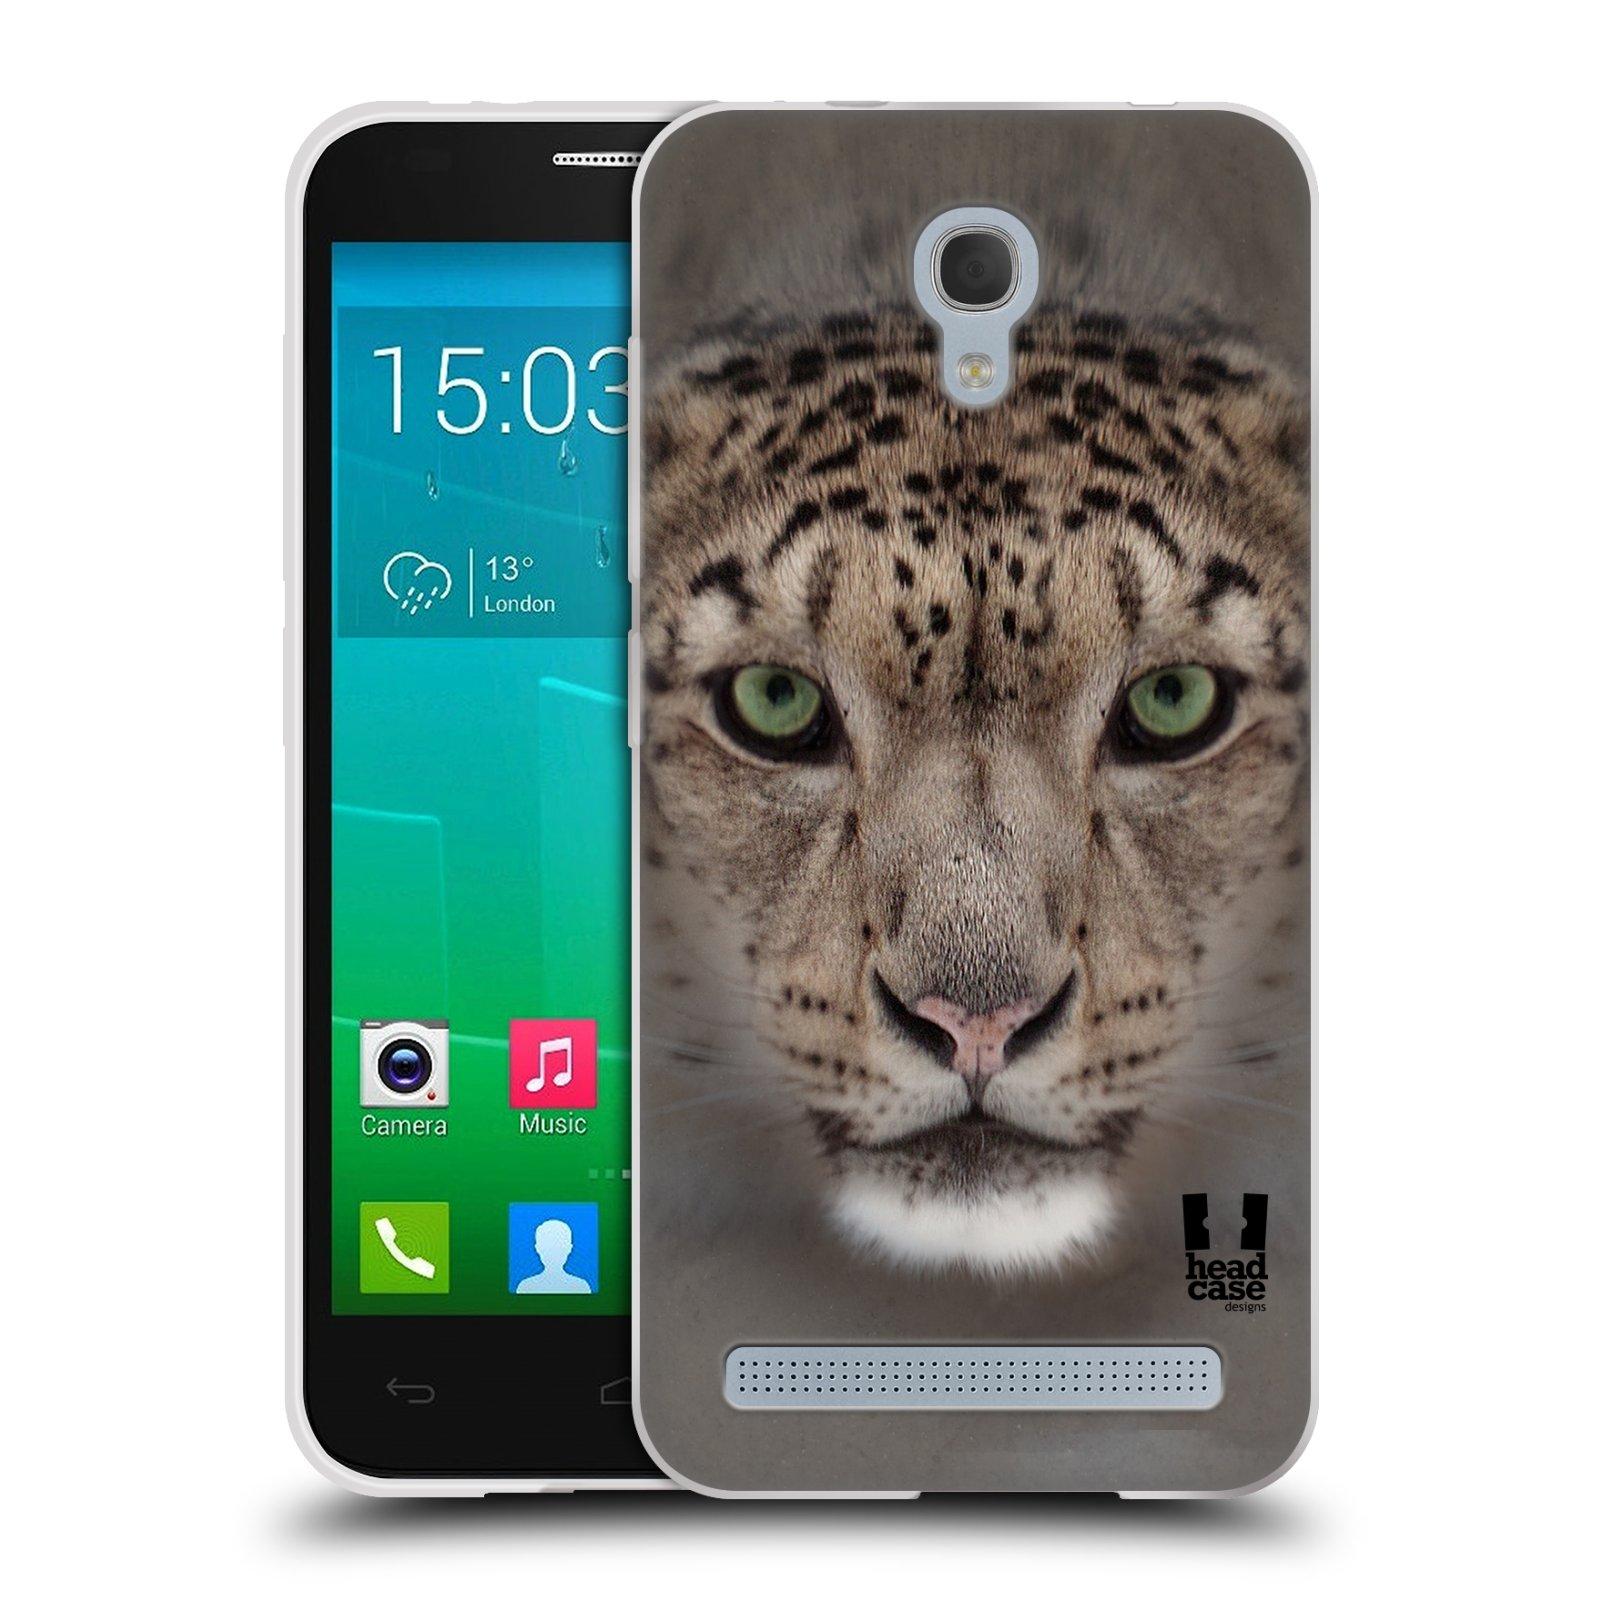 HEAD CASE silikonový obal na mobil Alcatel Idol 2 MINI S 6036Y vzor Zvířecí tváře 2 sněžný leopard